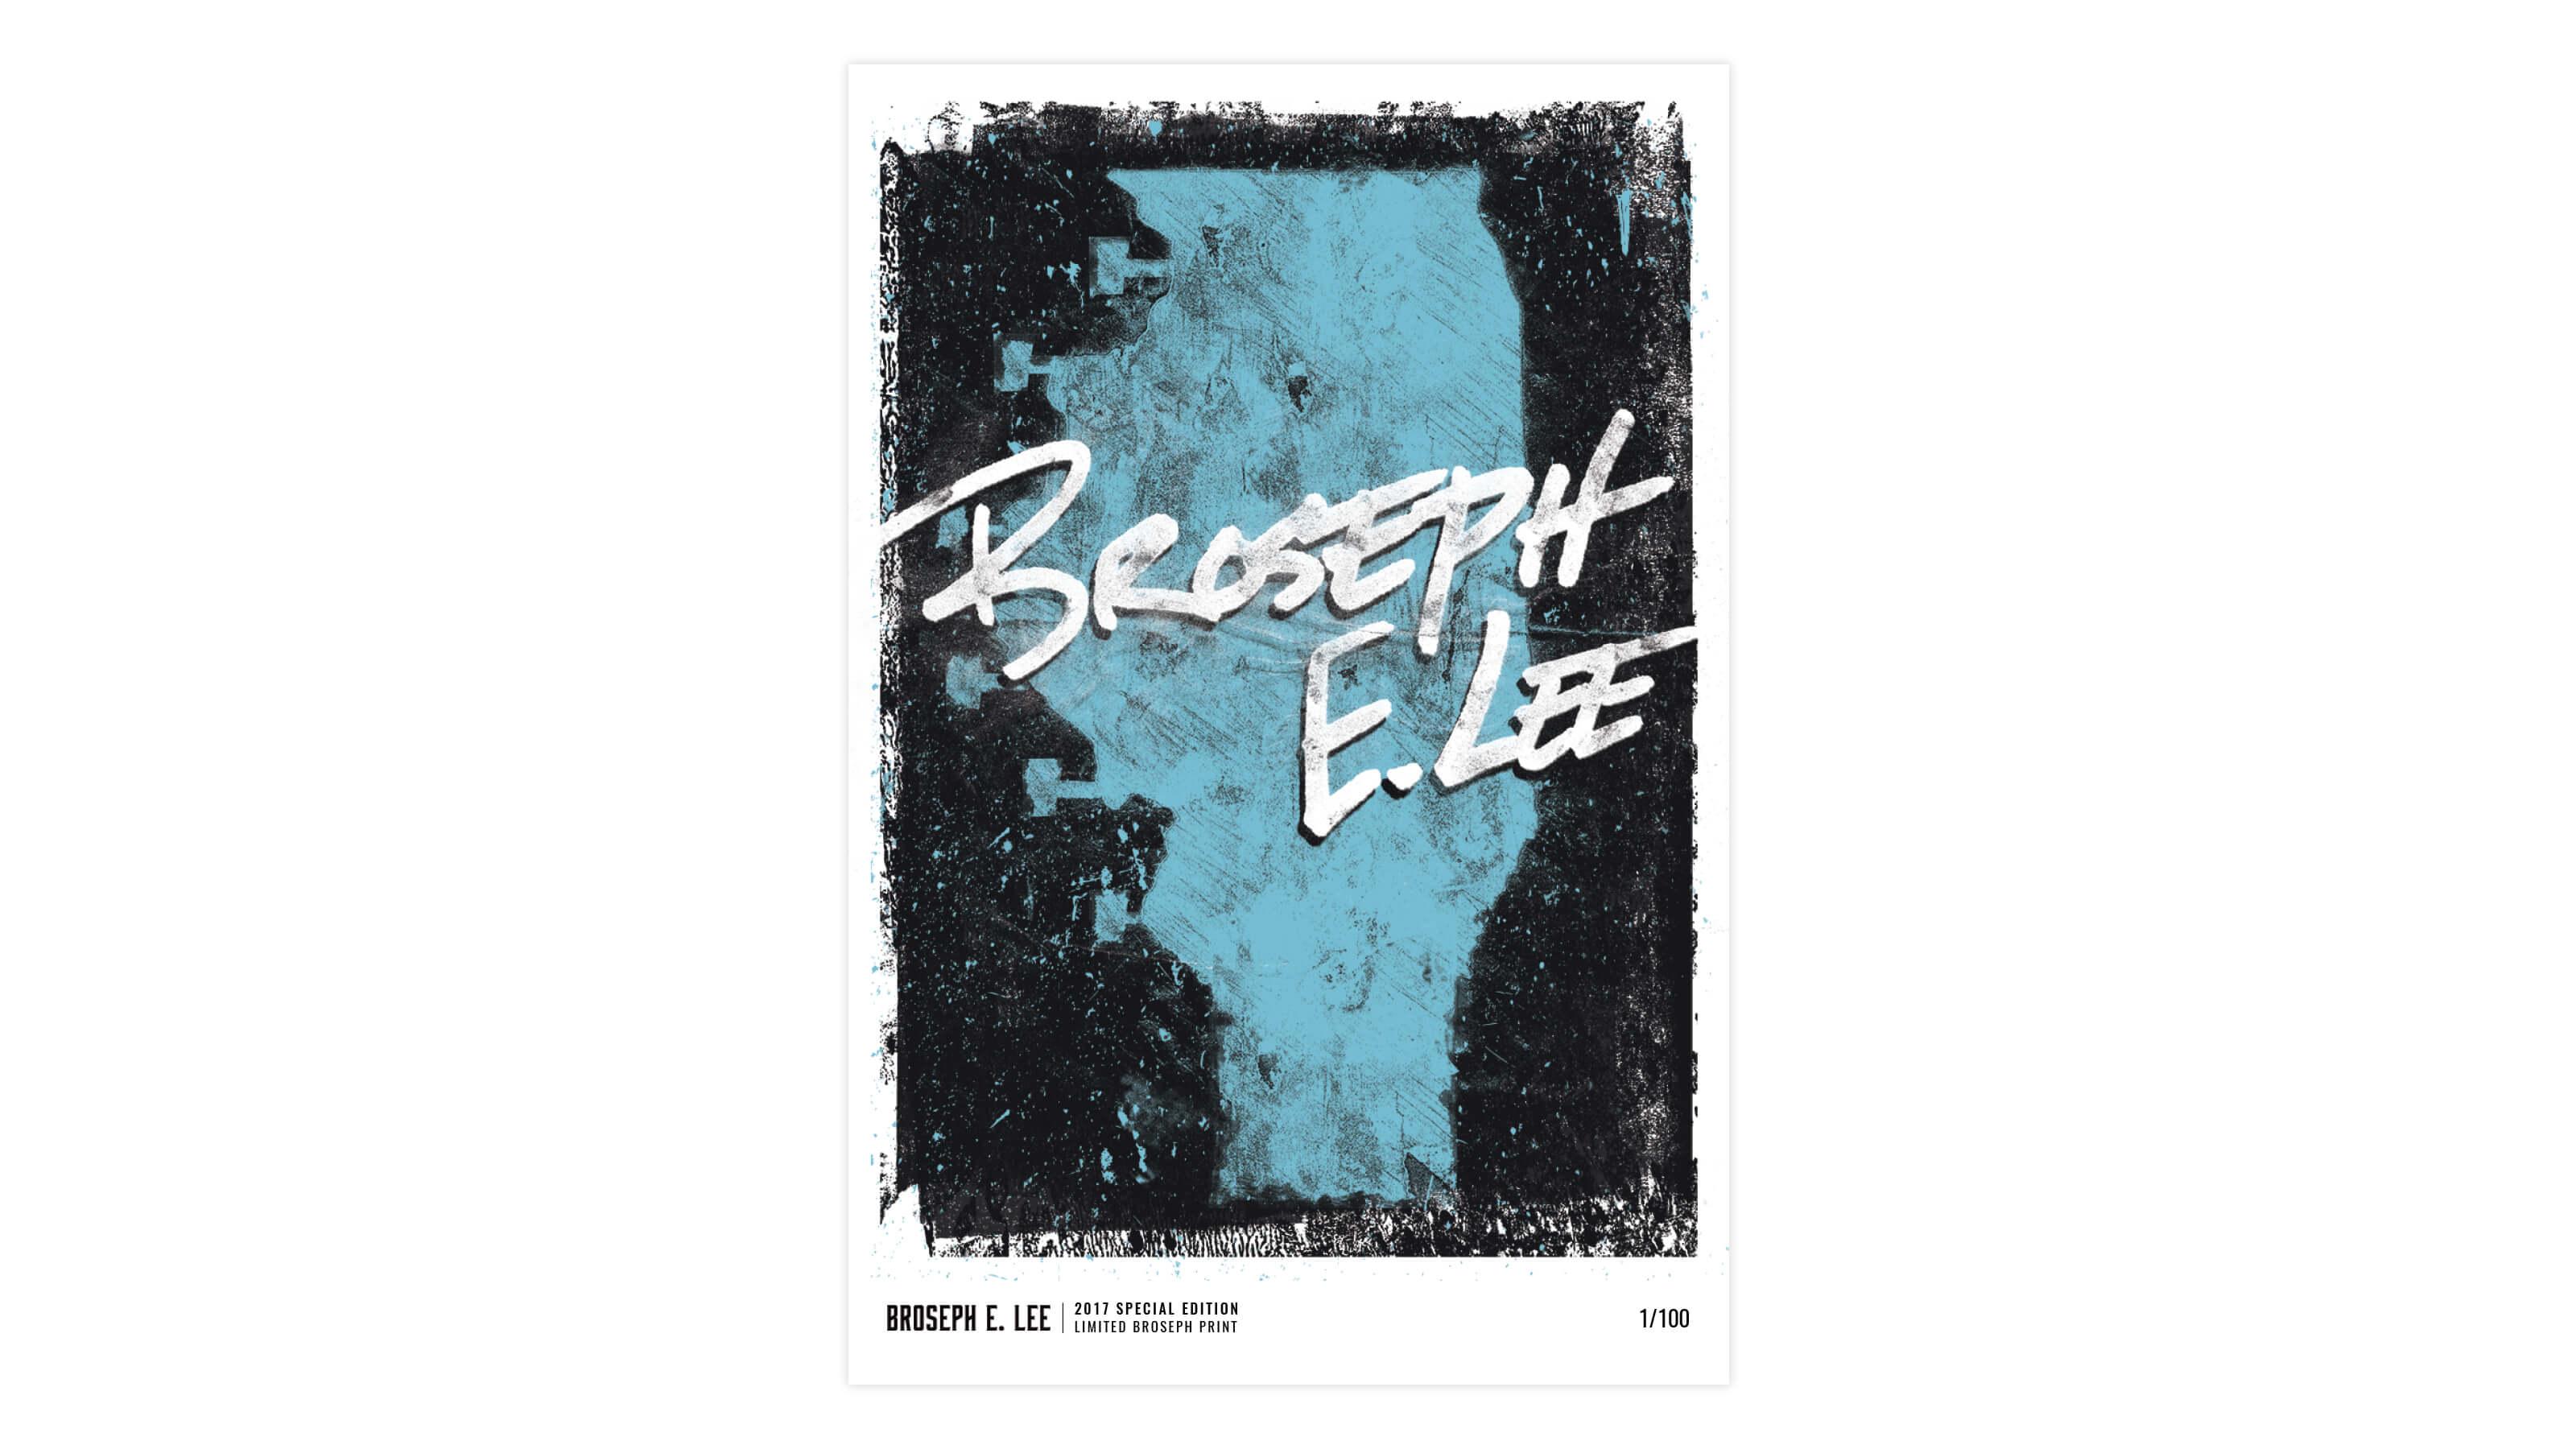 Broseph music Kickstarter Poster by Ben Fieker for Fieker Brothers website